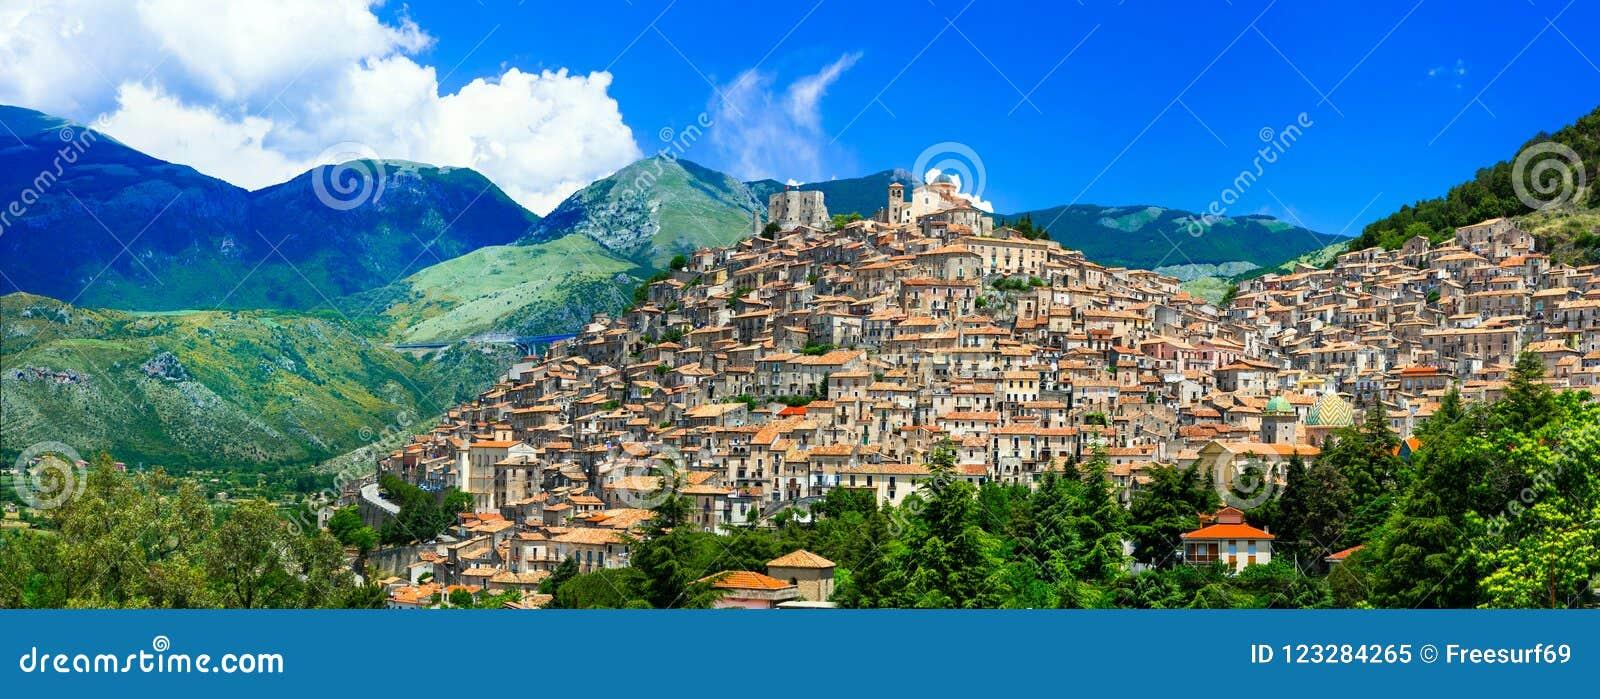 Pueblo impresionante de Morano Calabro, Calabria, Italia